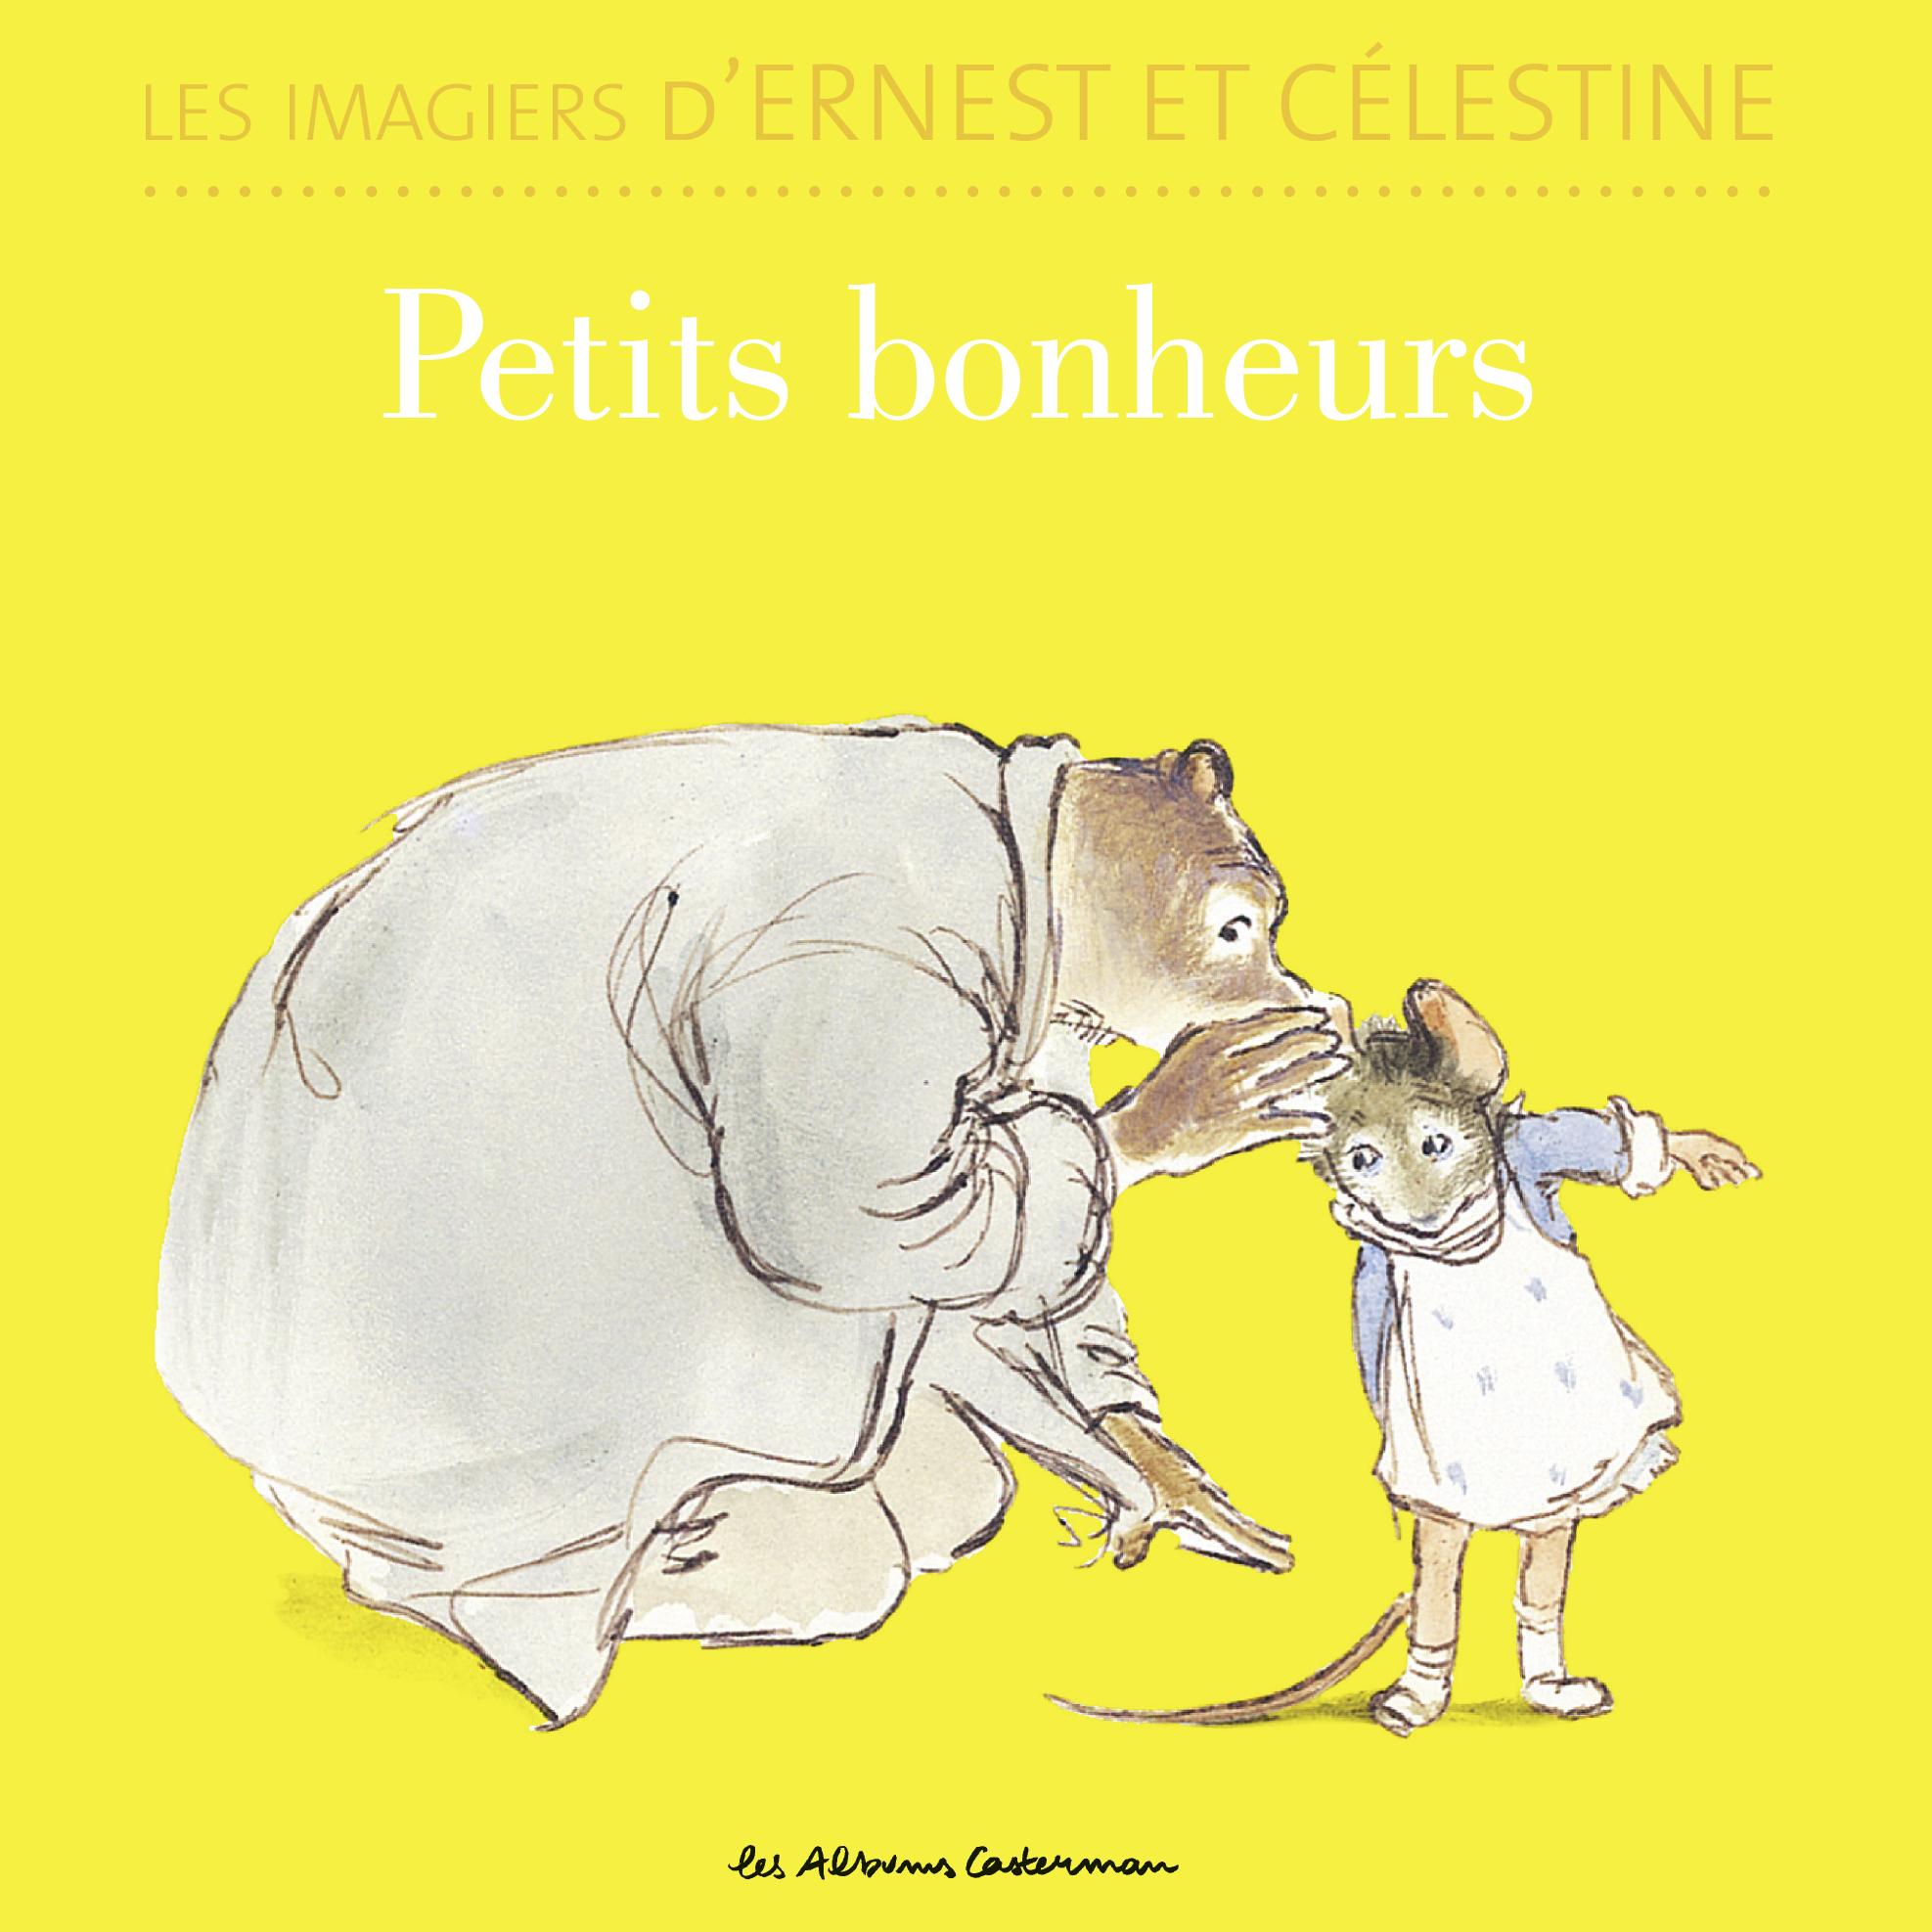 Les imagiers d'Ernest et Célestine - Petits bonheurs | Vincent, Gabrielle